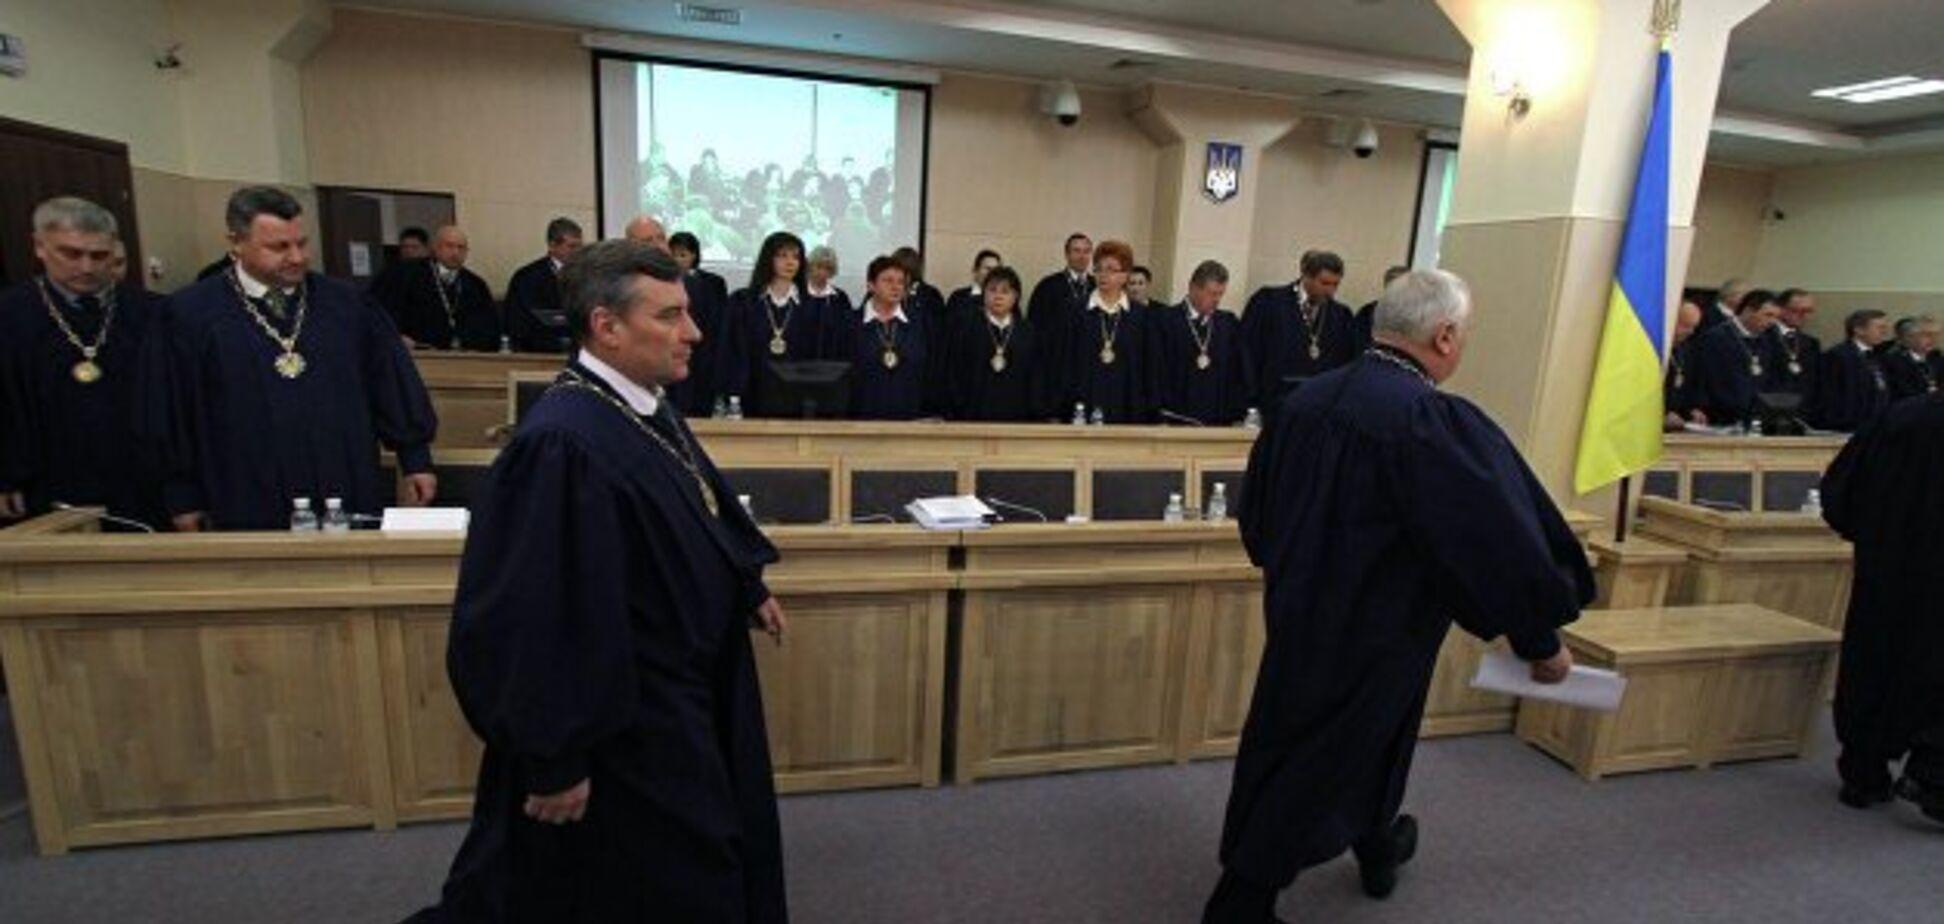 Антикоррупционные судьи будут получать по 70 тысяч: вскрылись детали о зарплатах